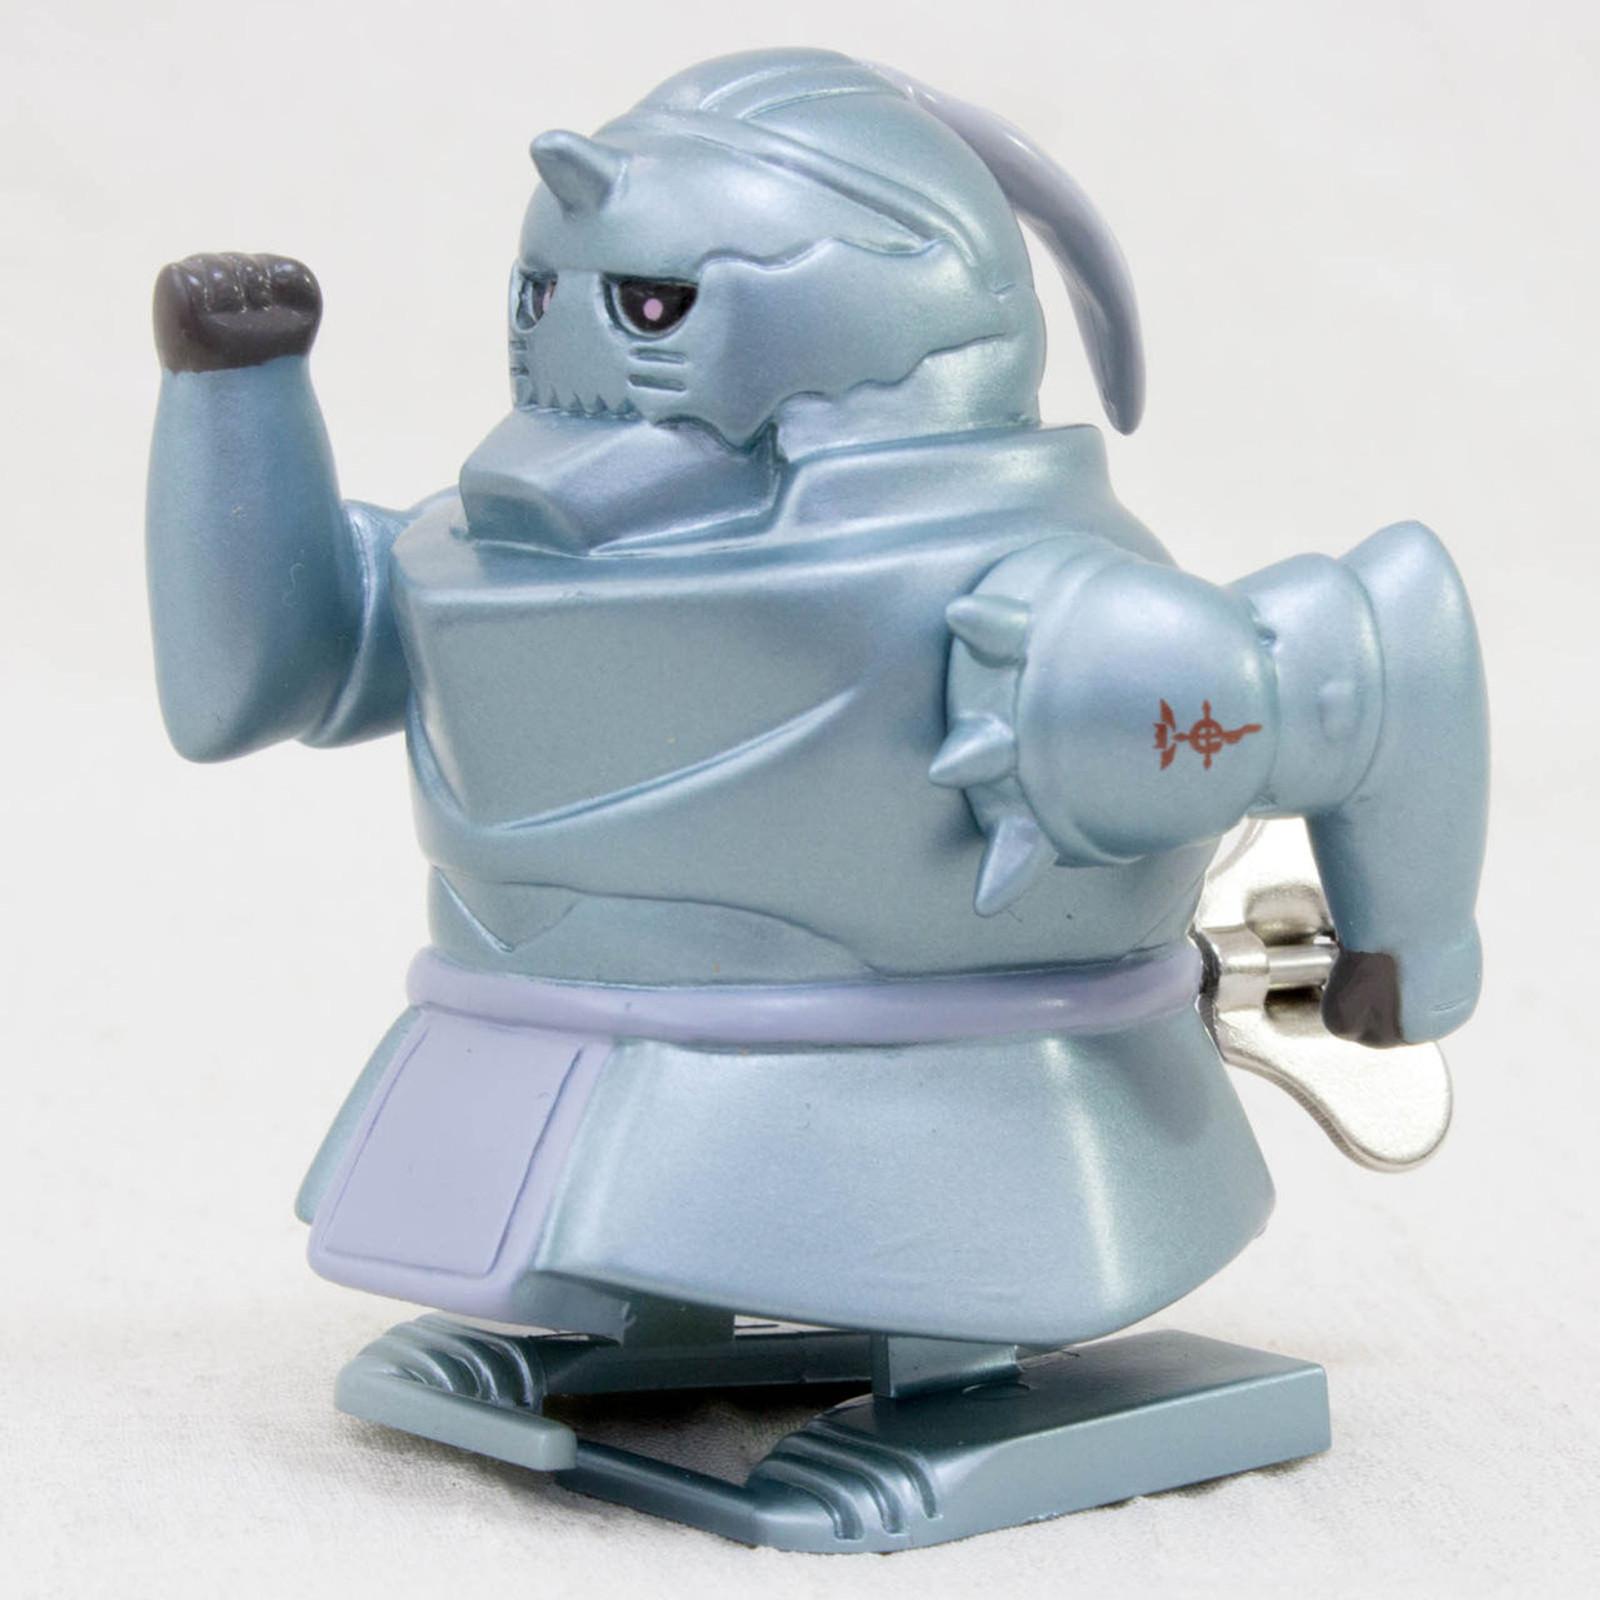 RARE! FullMetal Alchemist Alphonse Elric Wind-Up Figure JAPAN ANIME MANGA